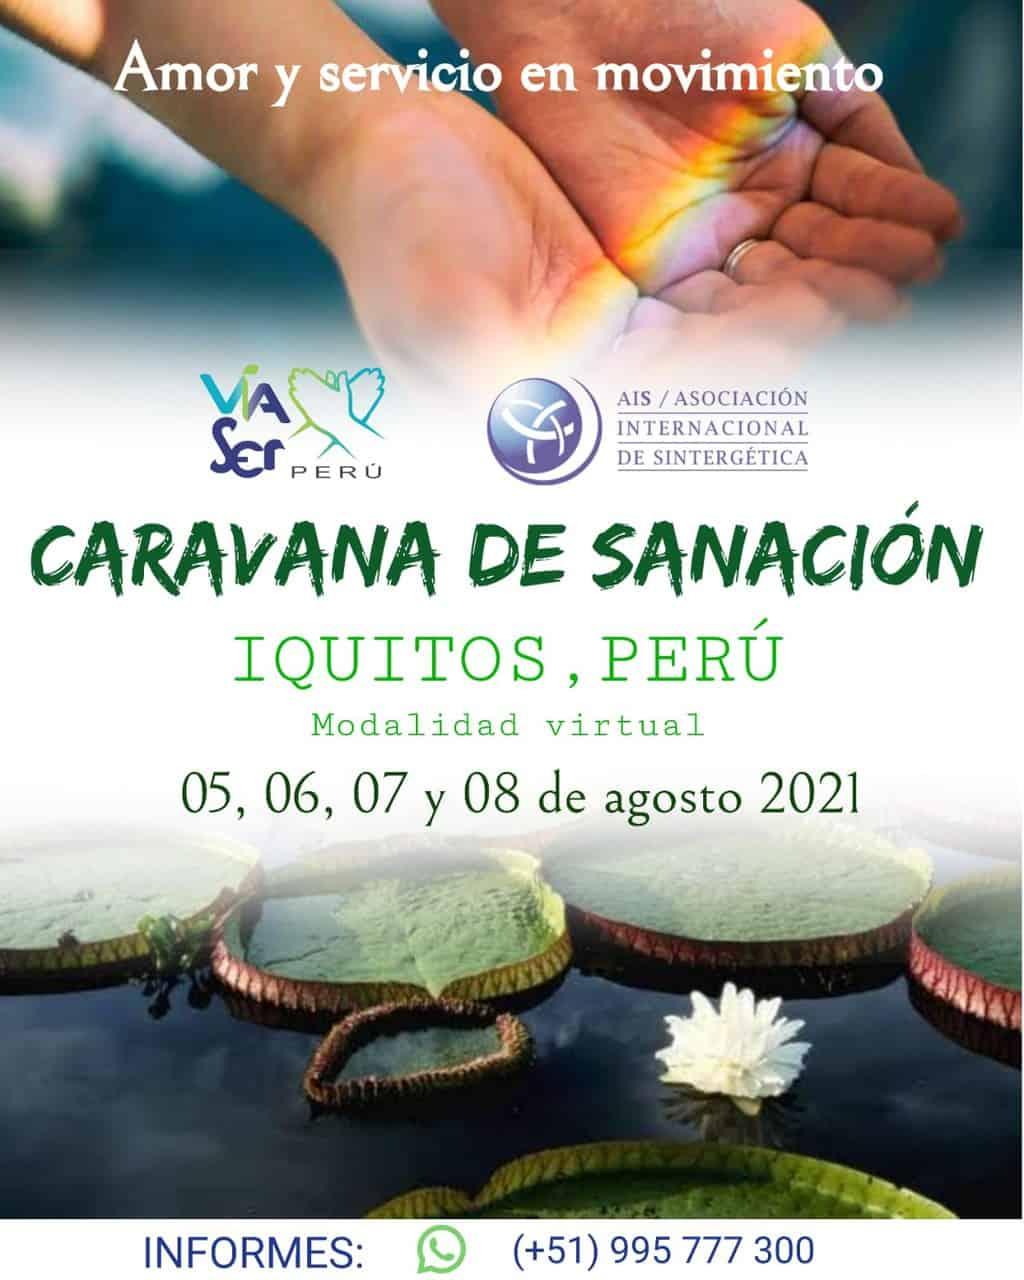 📢 CARAVANA DE SANACIÓN Virtual en Iquitos (Perú) – 5 al 8 de agosto 2021